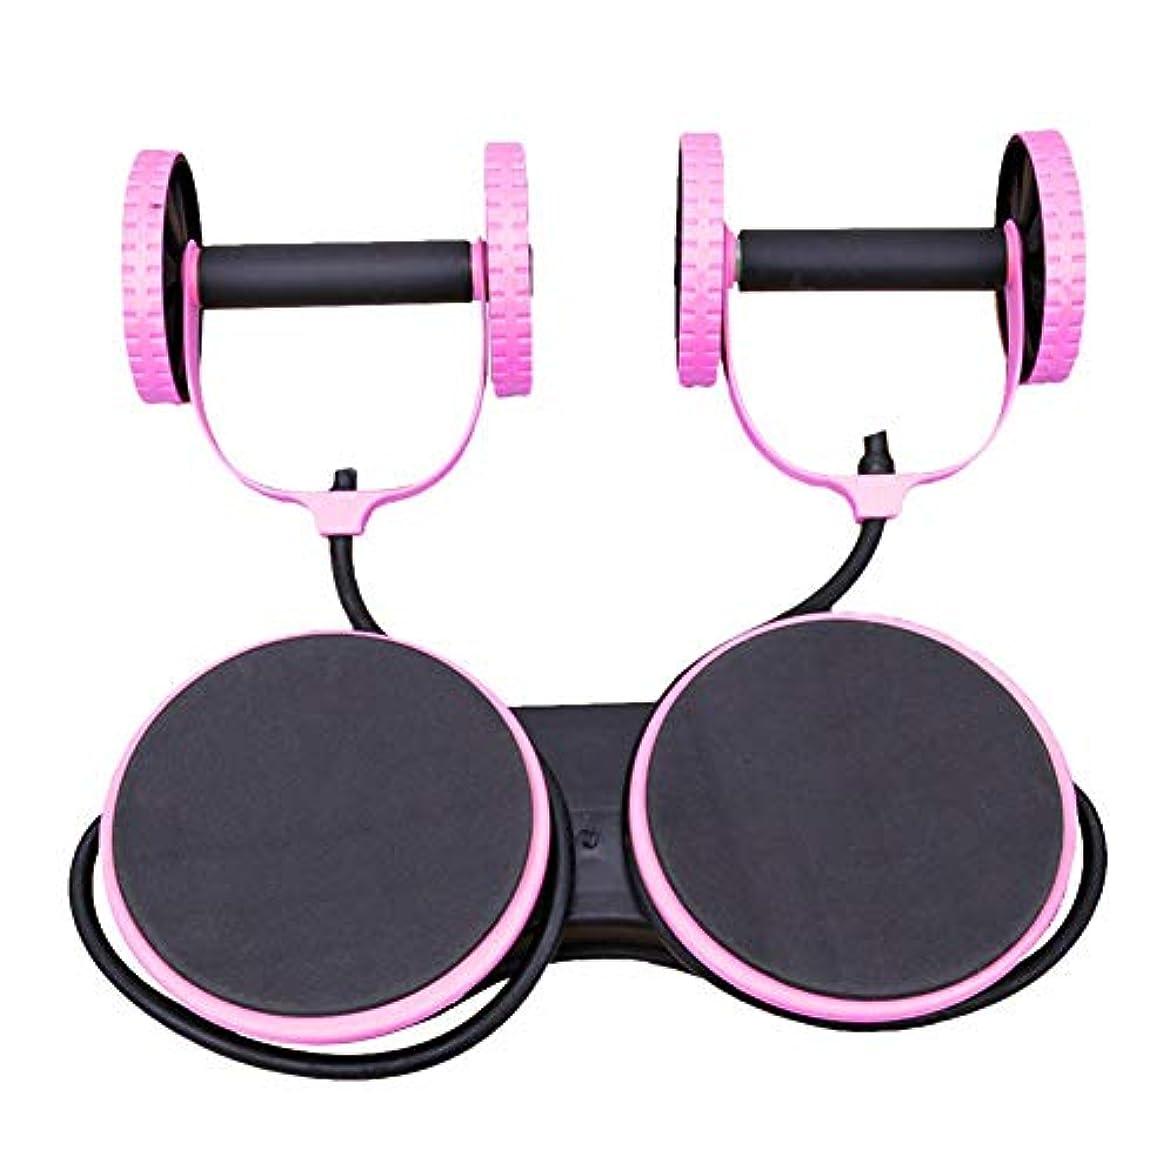 れんが振る舞うプラカードMultifunctional Fitness Roller Wheel Equipment, Abdominal Muscles Arm Training Equipment for Man Women